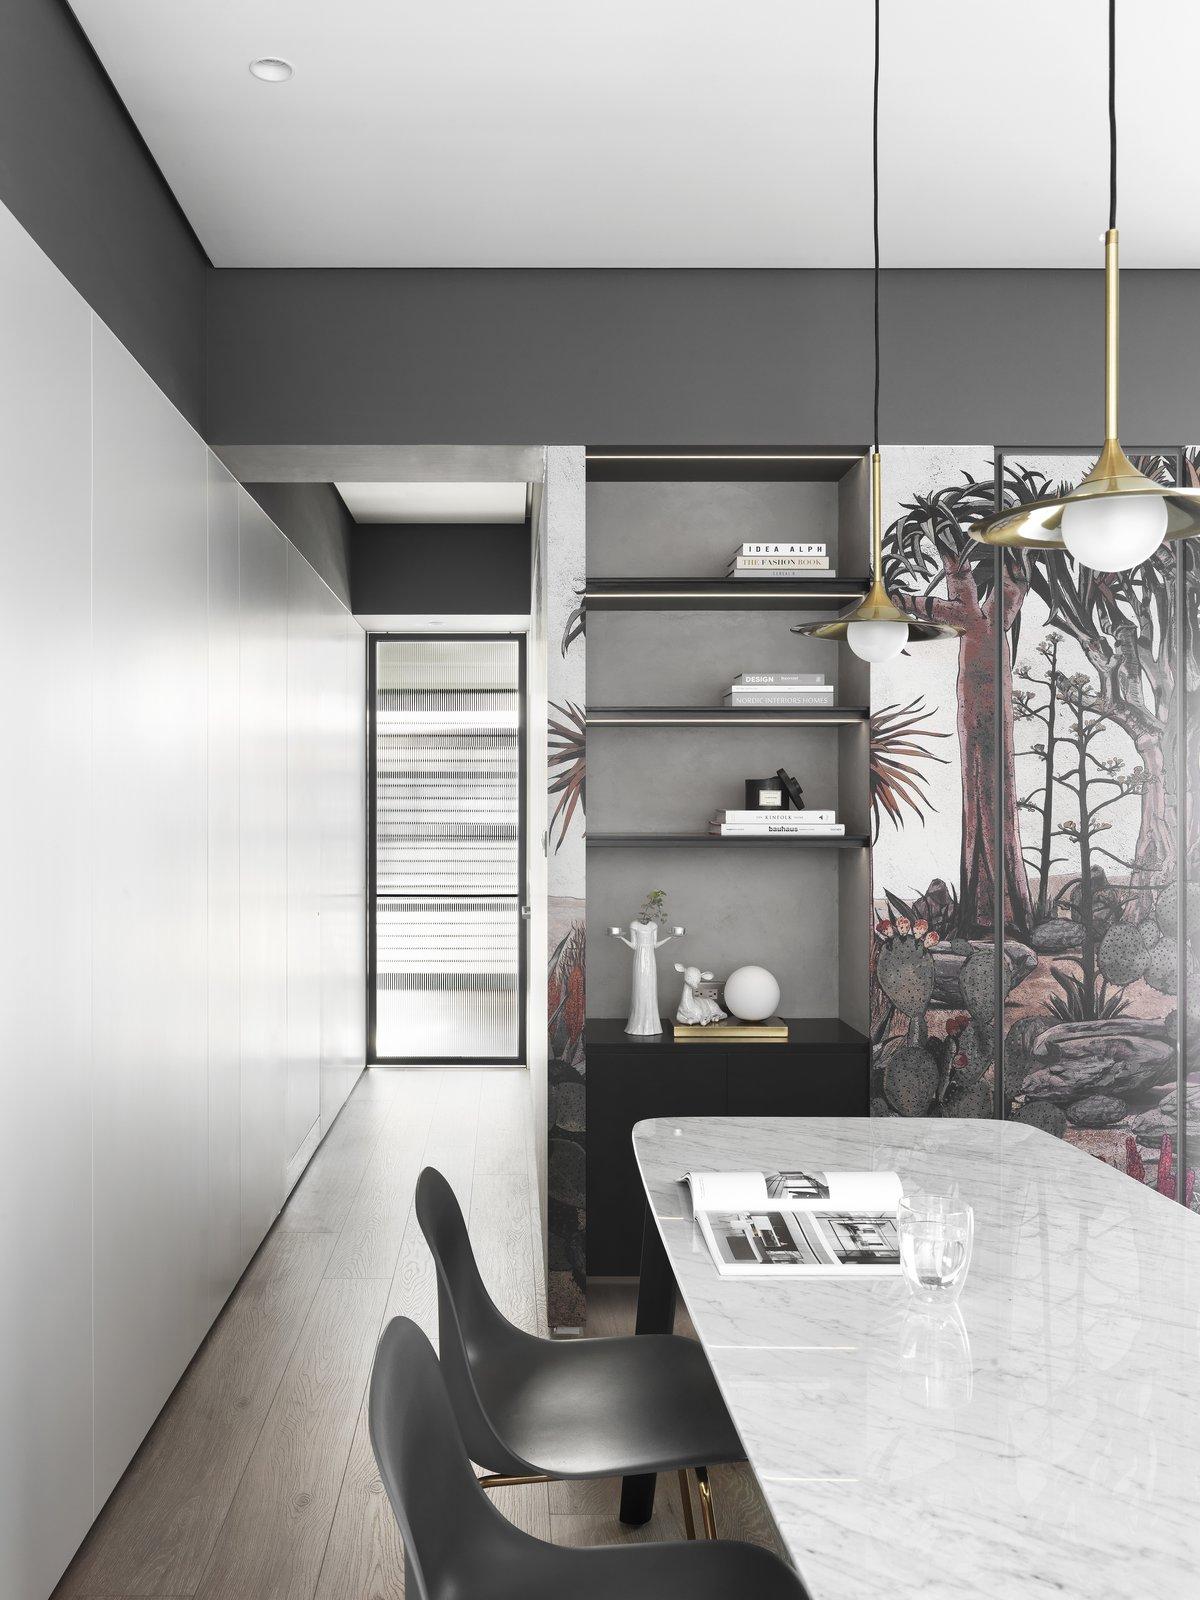 带餐厅,天花板照明,硬木地板和椅子的现代住宅。 日常生活的隐形秩序照片15